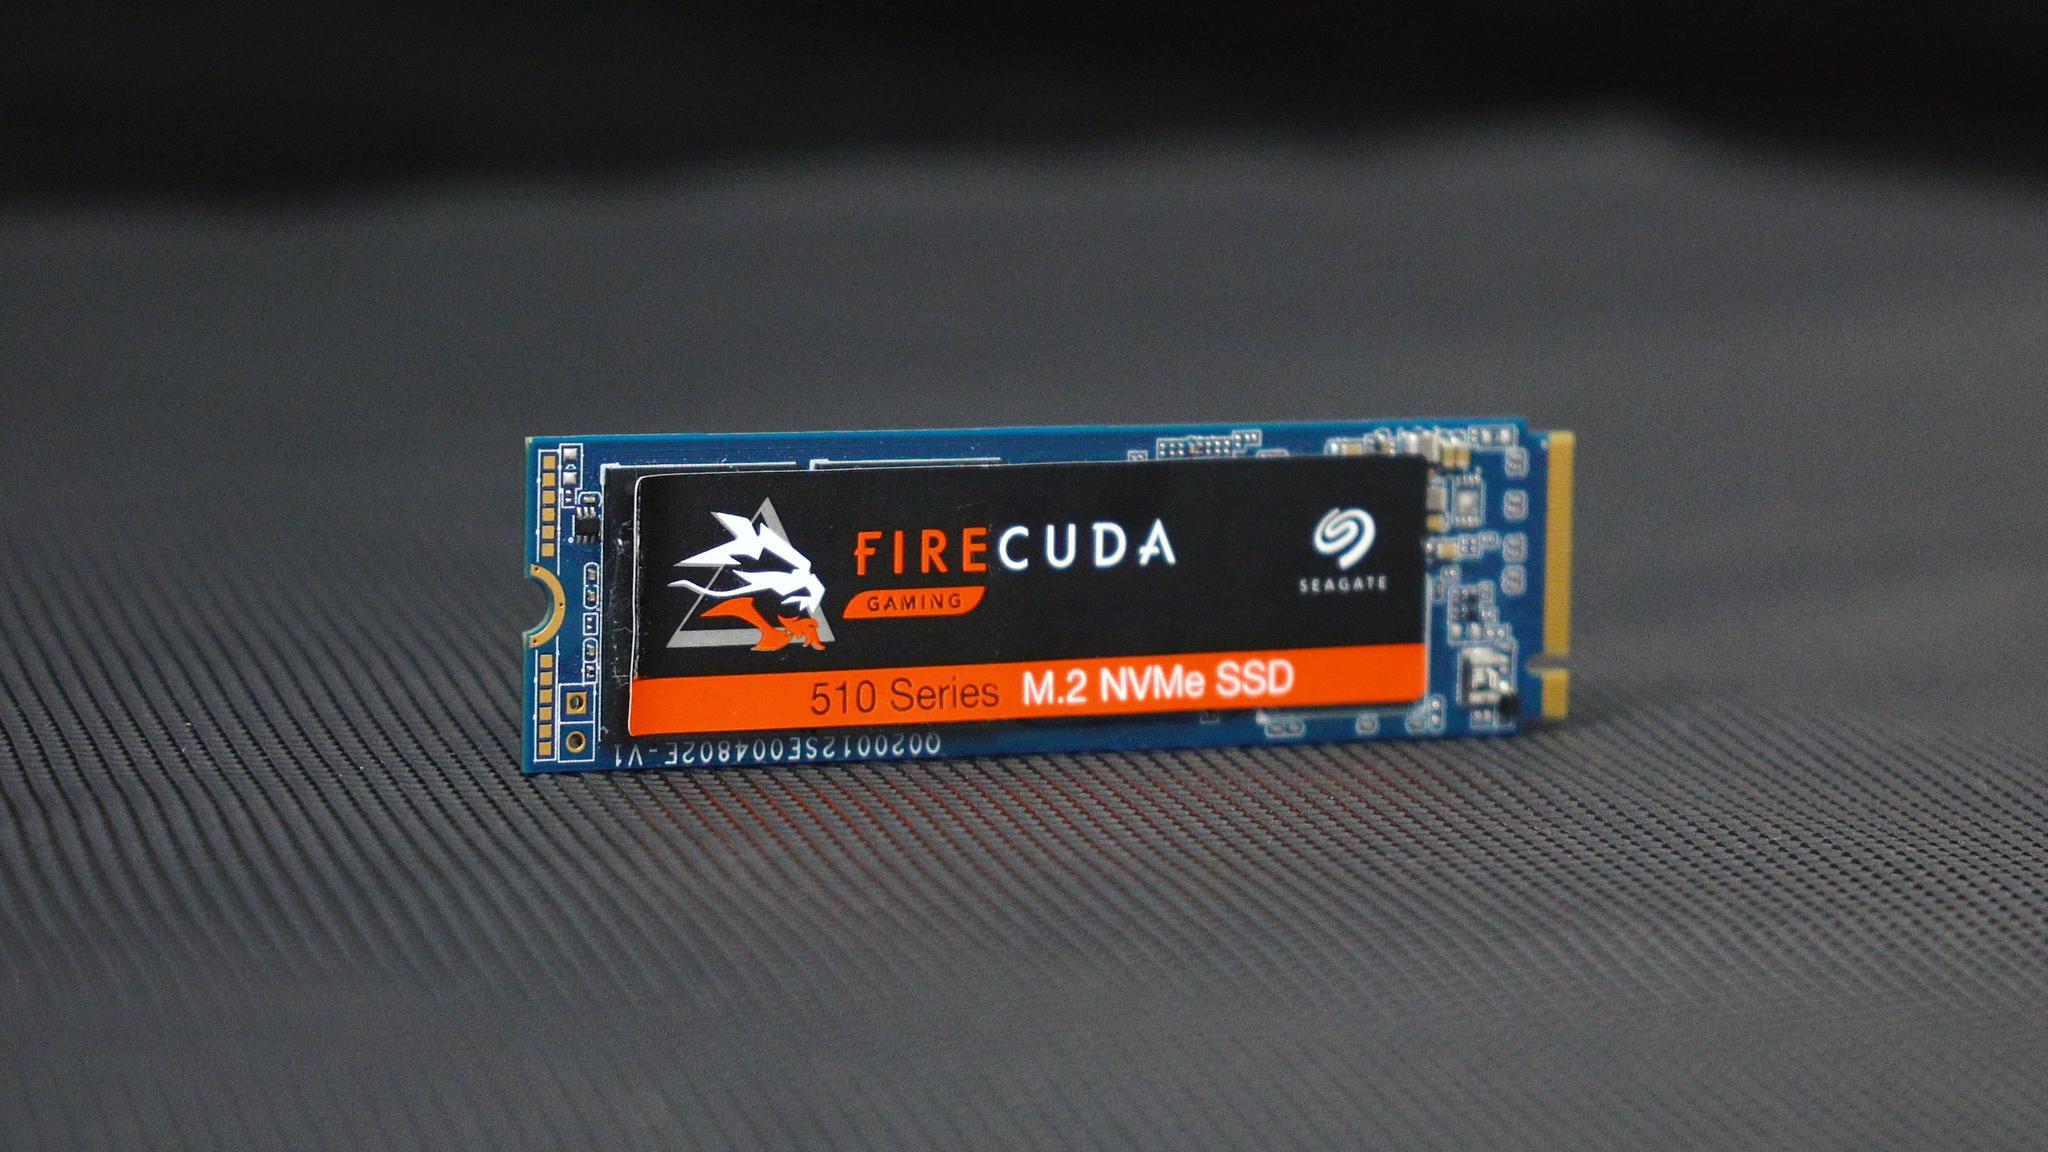 为游戏打造的SSD,用上希捷酷玩固态硬盘干掉进度条